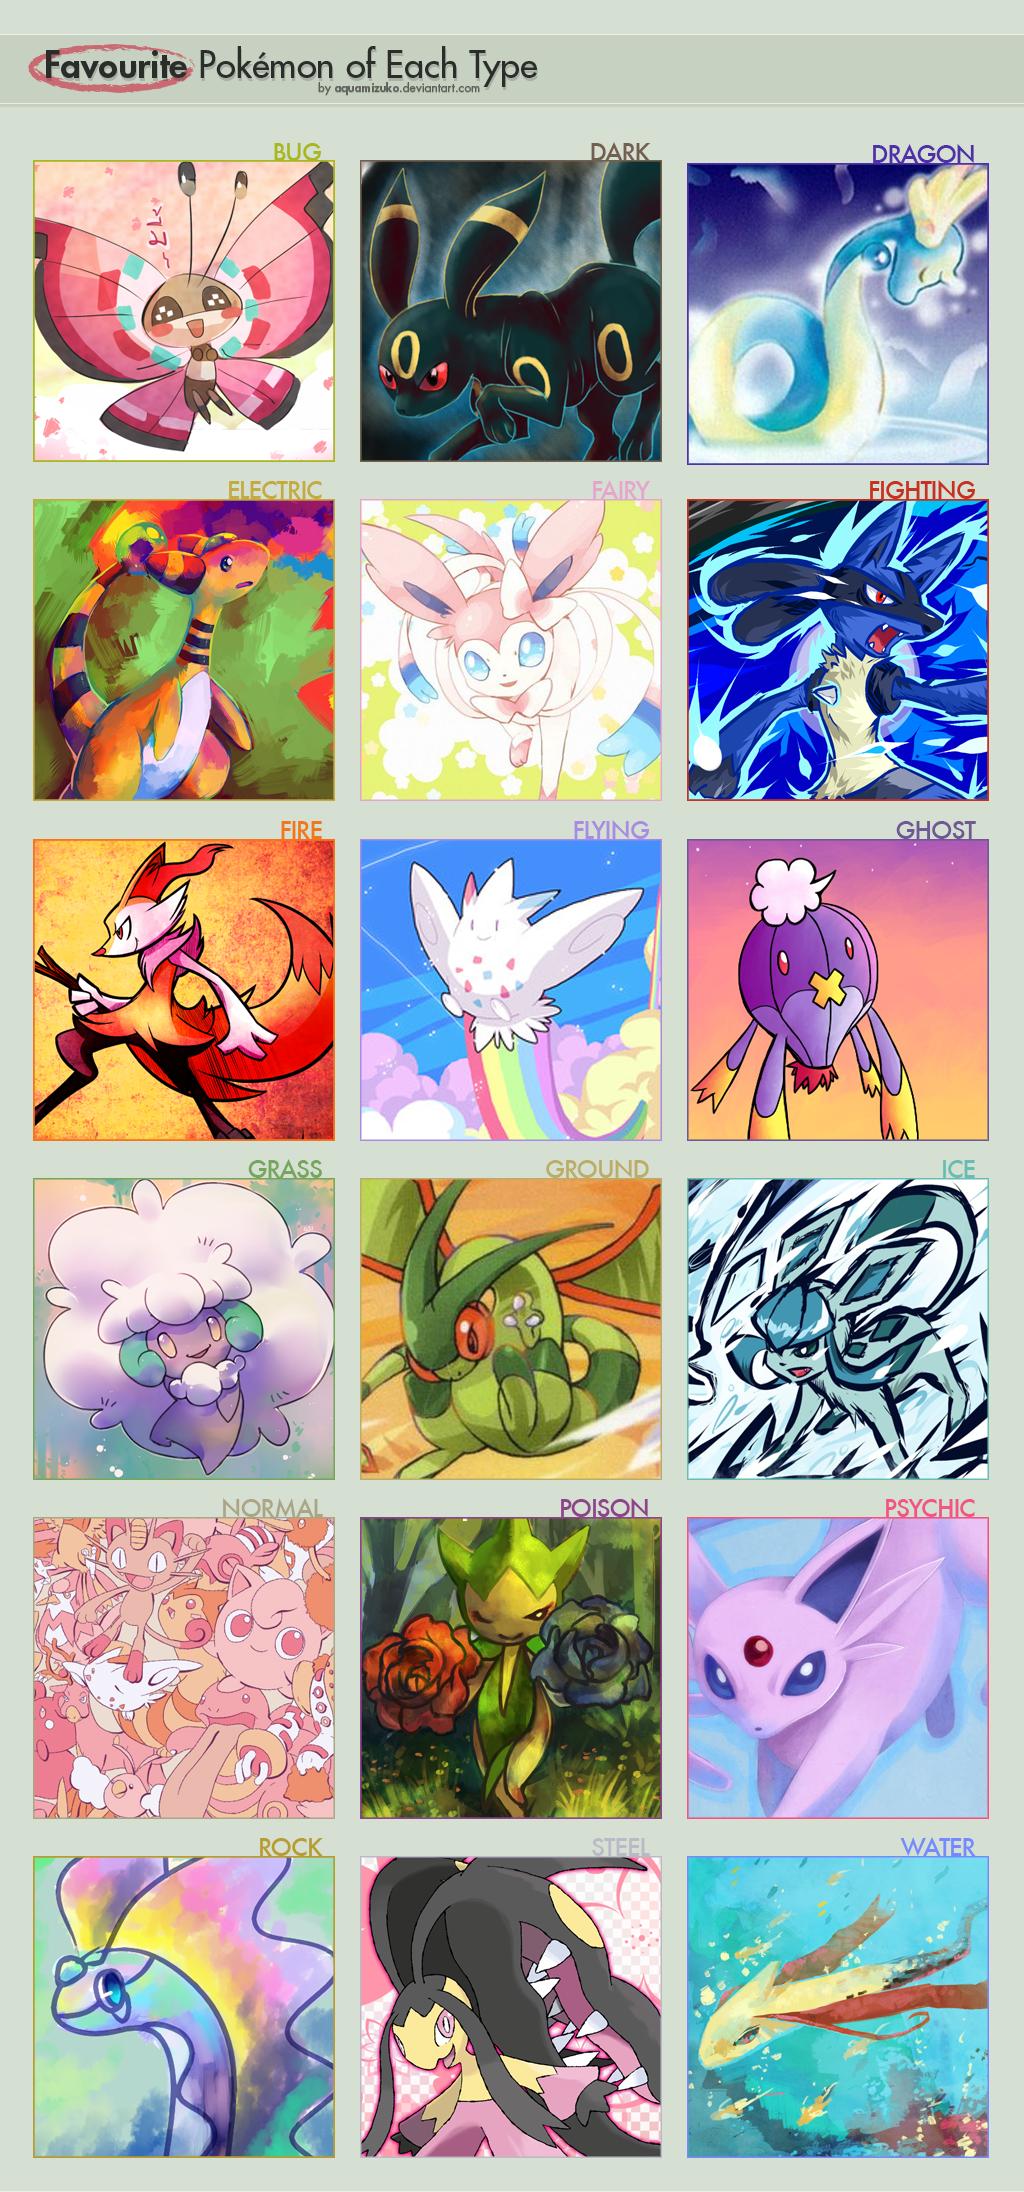 Votre (vos ?) Pokémon préféré(s) (☆^ー^☆) - Page 2 1419959312-pokemon-type-meme-by-aquamizuko-d1nxpo7-copie